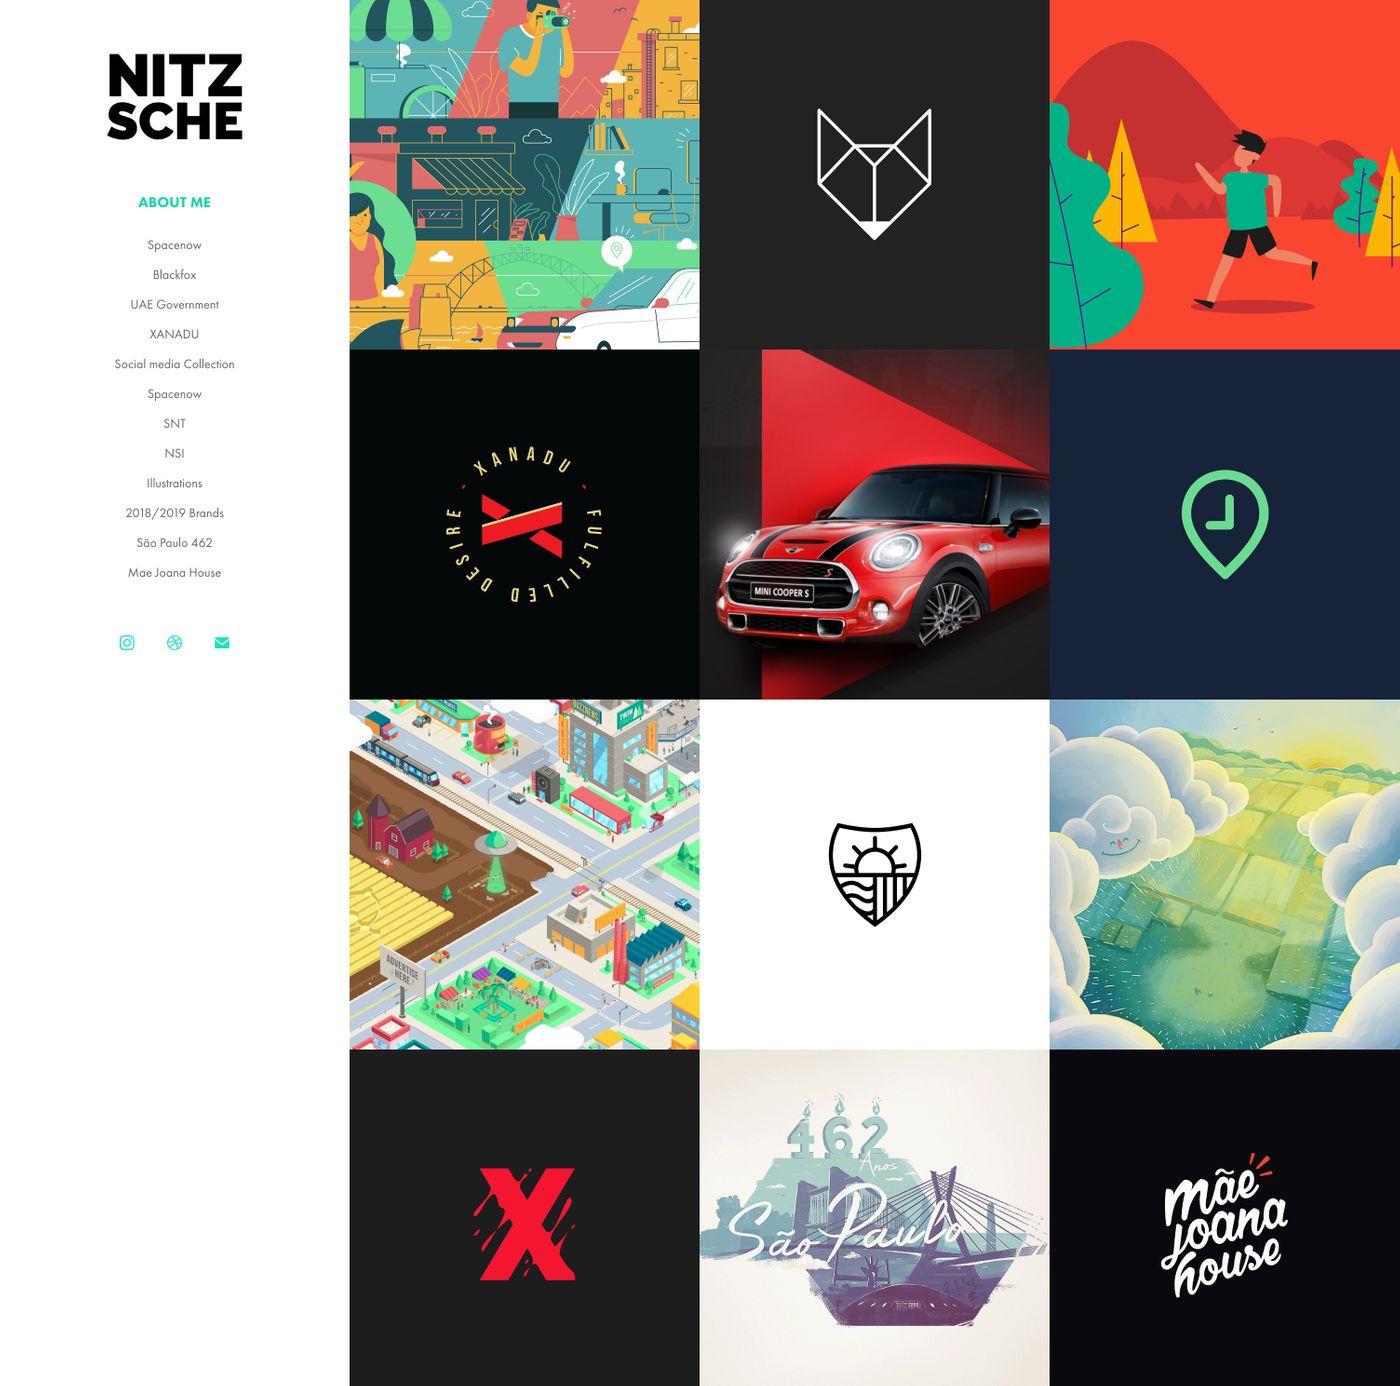 Plinio Nitzsche portfolio